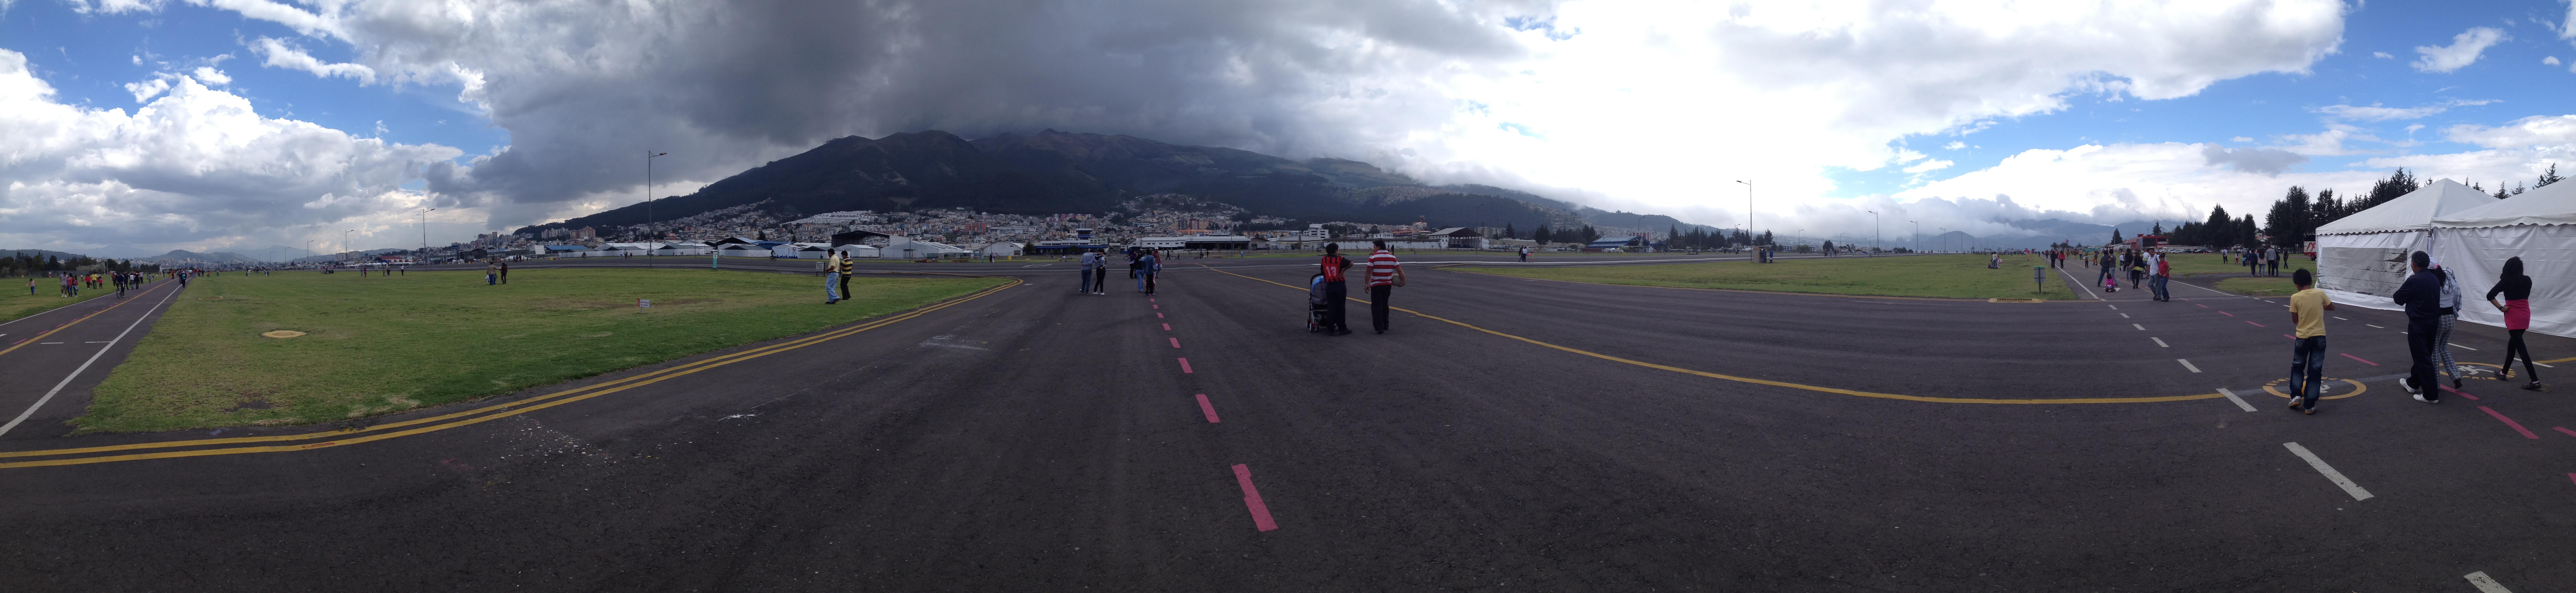 Parque Bicenteniario, Quito, Ecuador